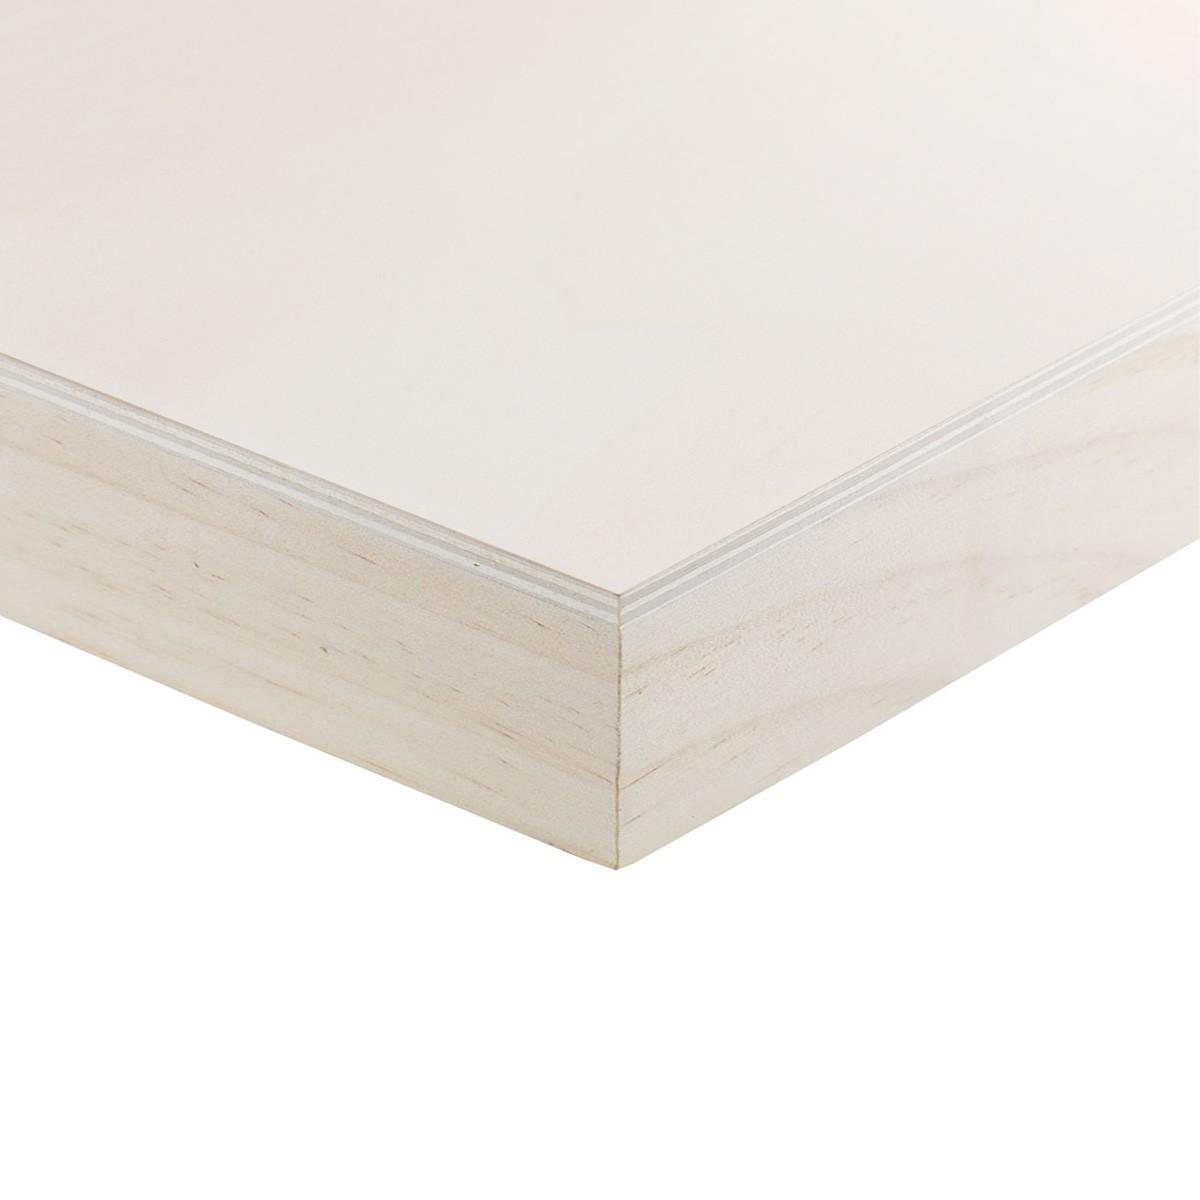 Woodpanel, 30x30x3